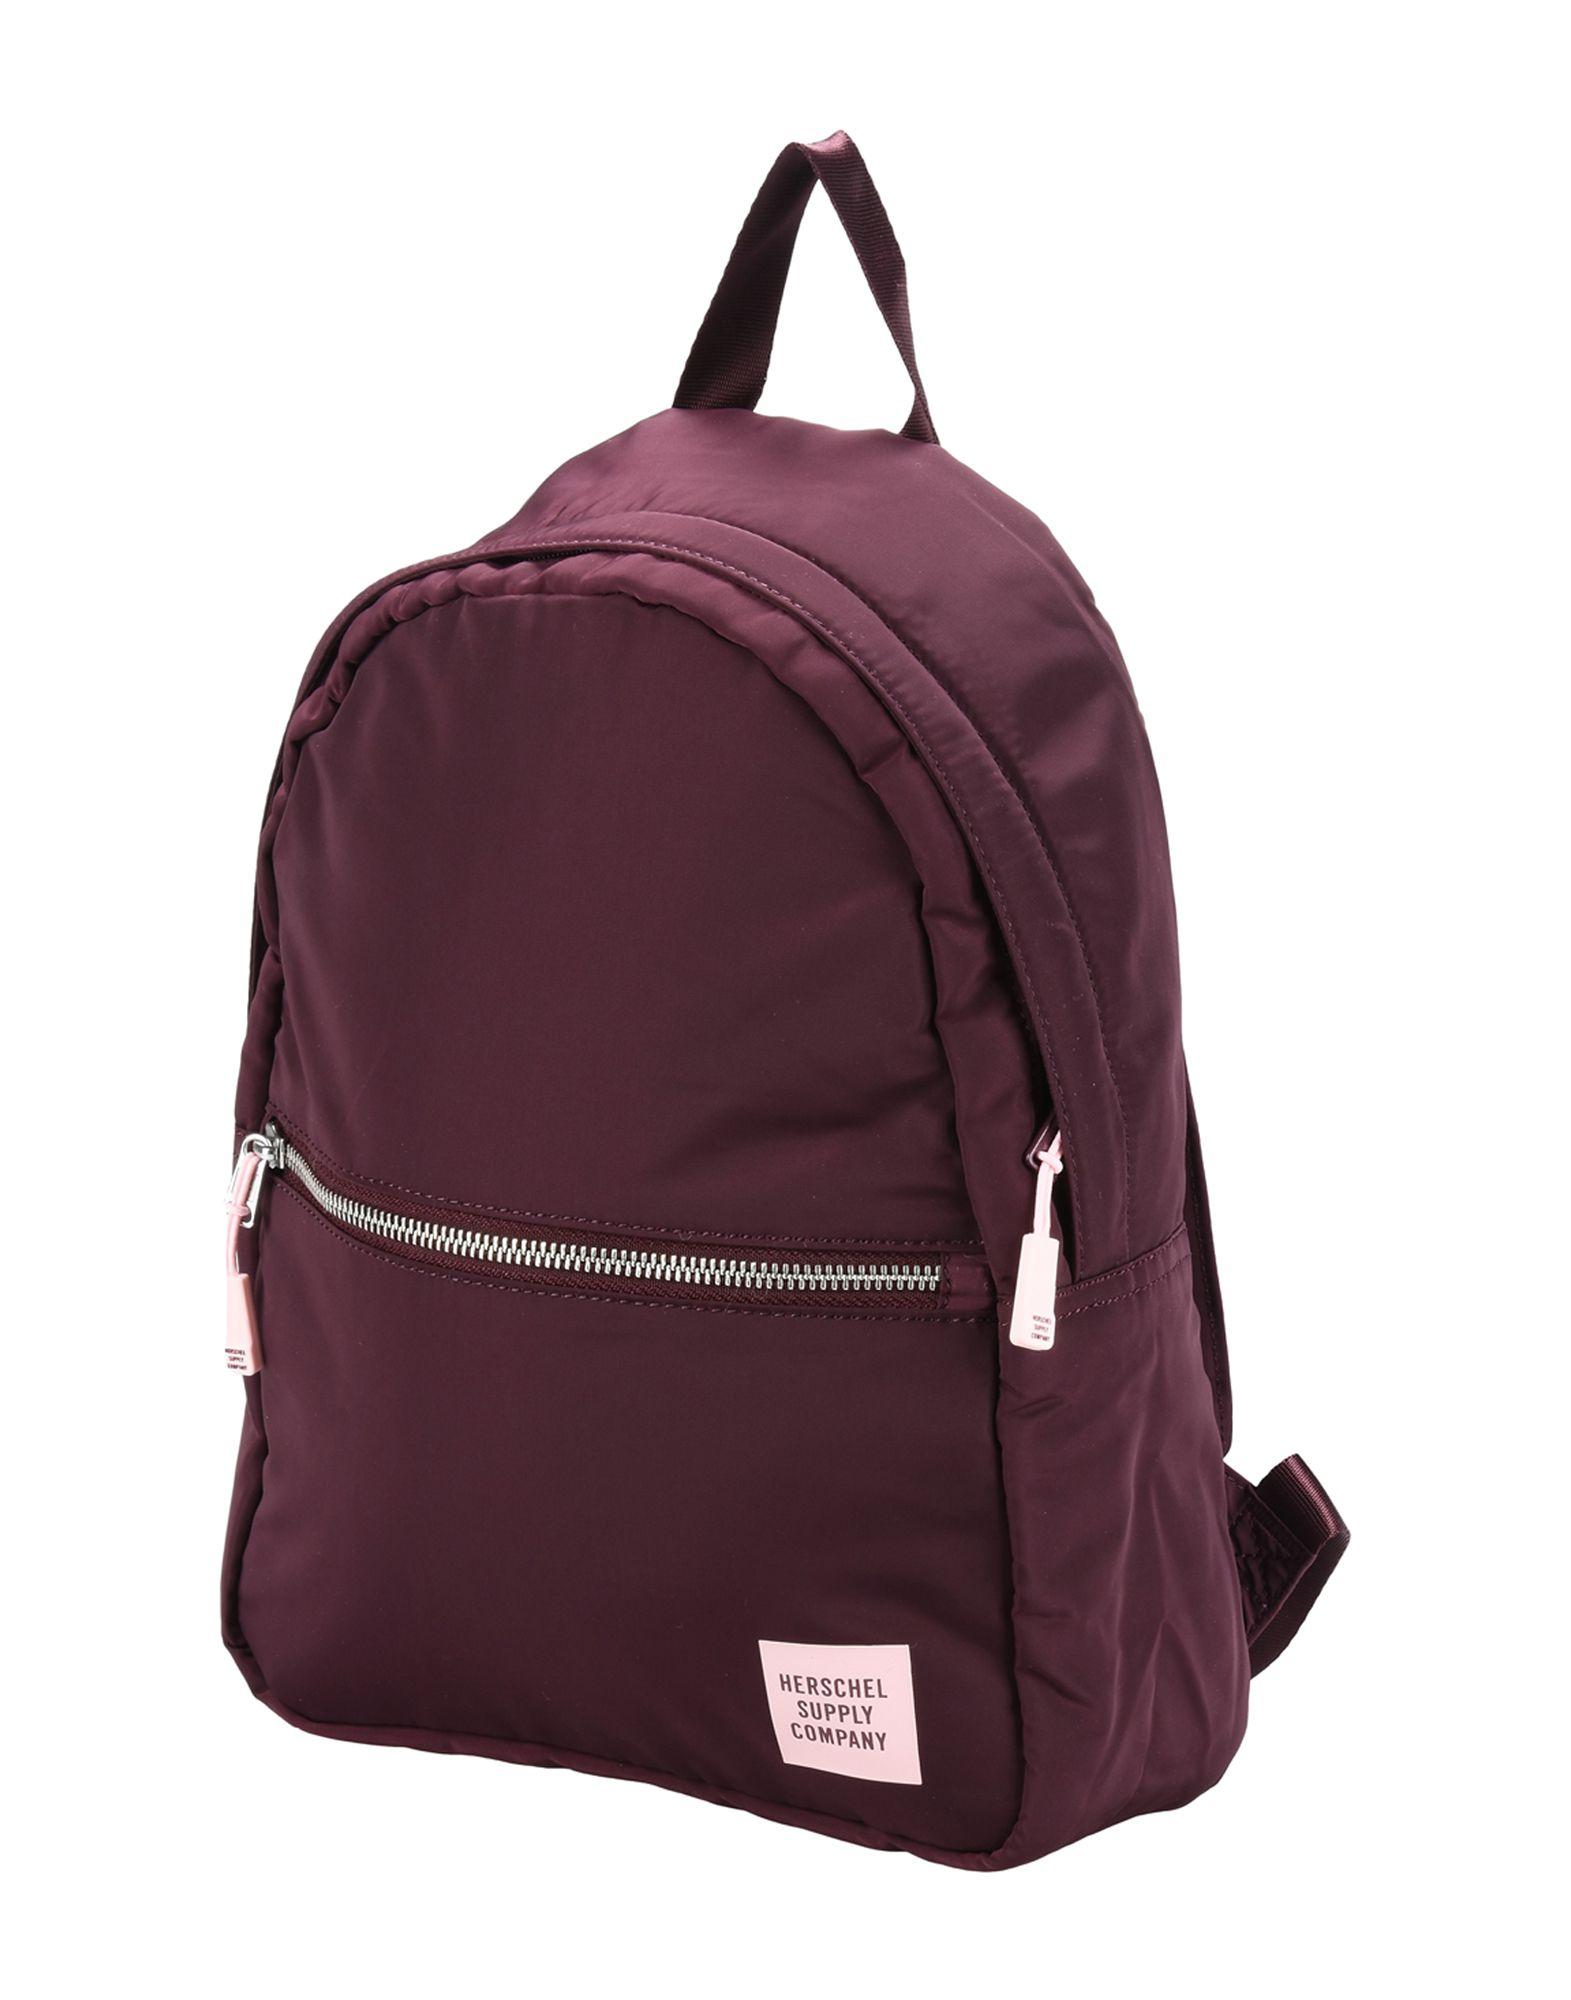 HERSCHEL SUPPLY CO. Рюкзаки и сумки на пояс рюкзак herschel supply co herschel supply co he013bwwjp97